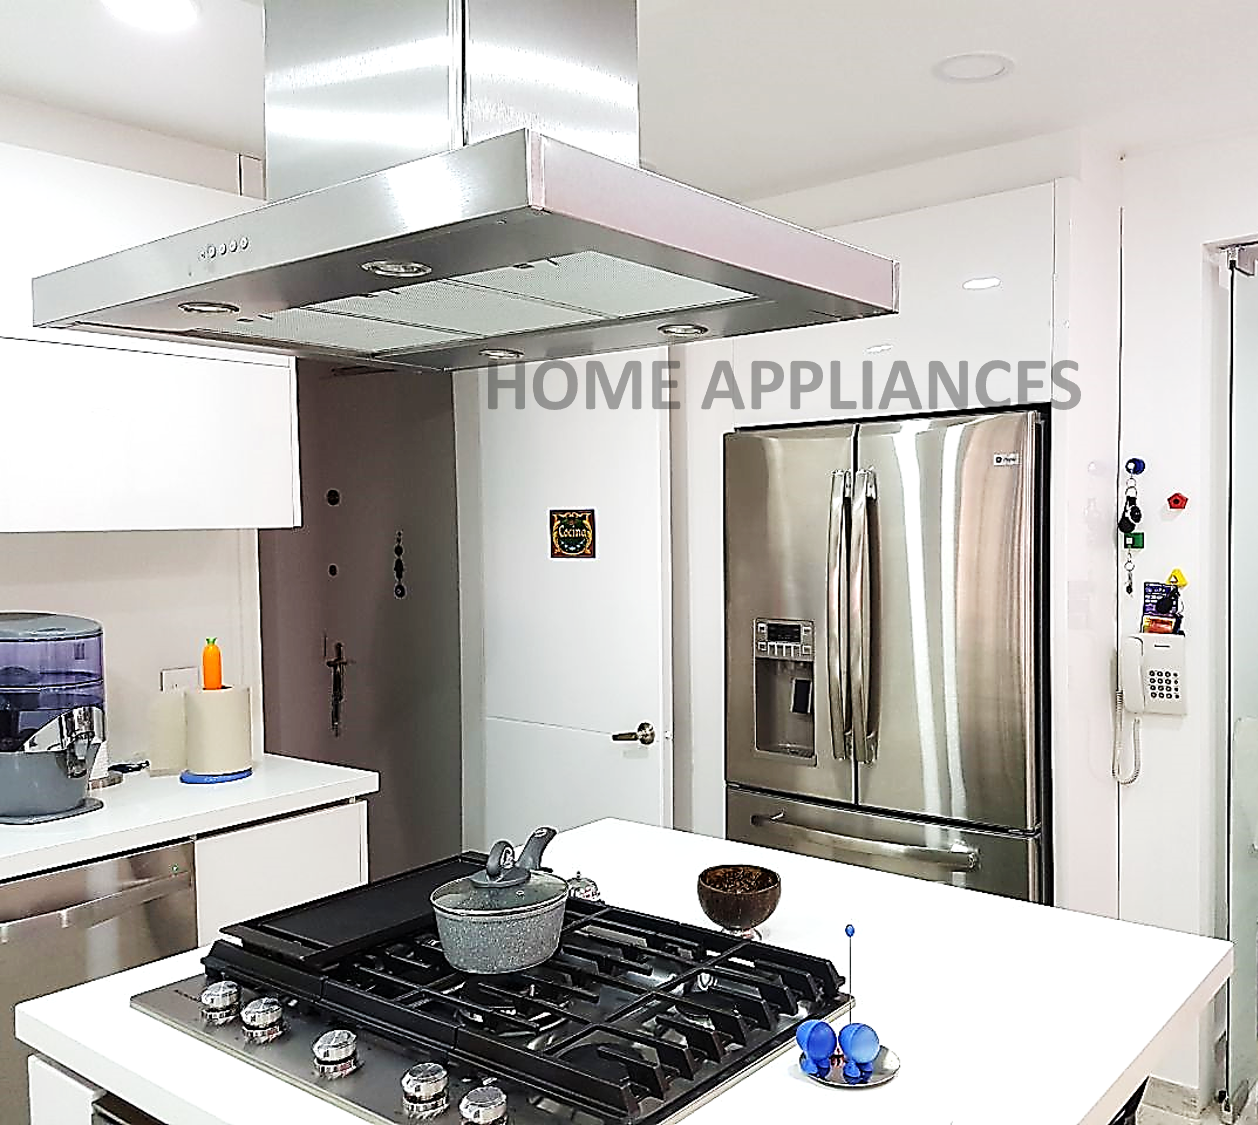 Disena Tu Cocina Con Nosotros Home Appliances Cocinas Kitchen Home Desing Art Homeappliances El Cocinas Cocinas Integrales Cocinas Integrales Modernas